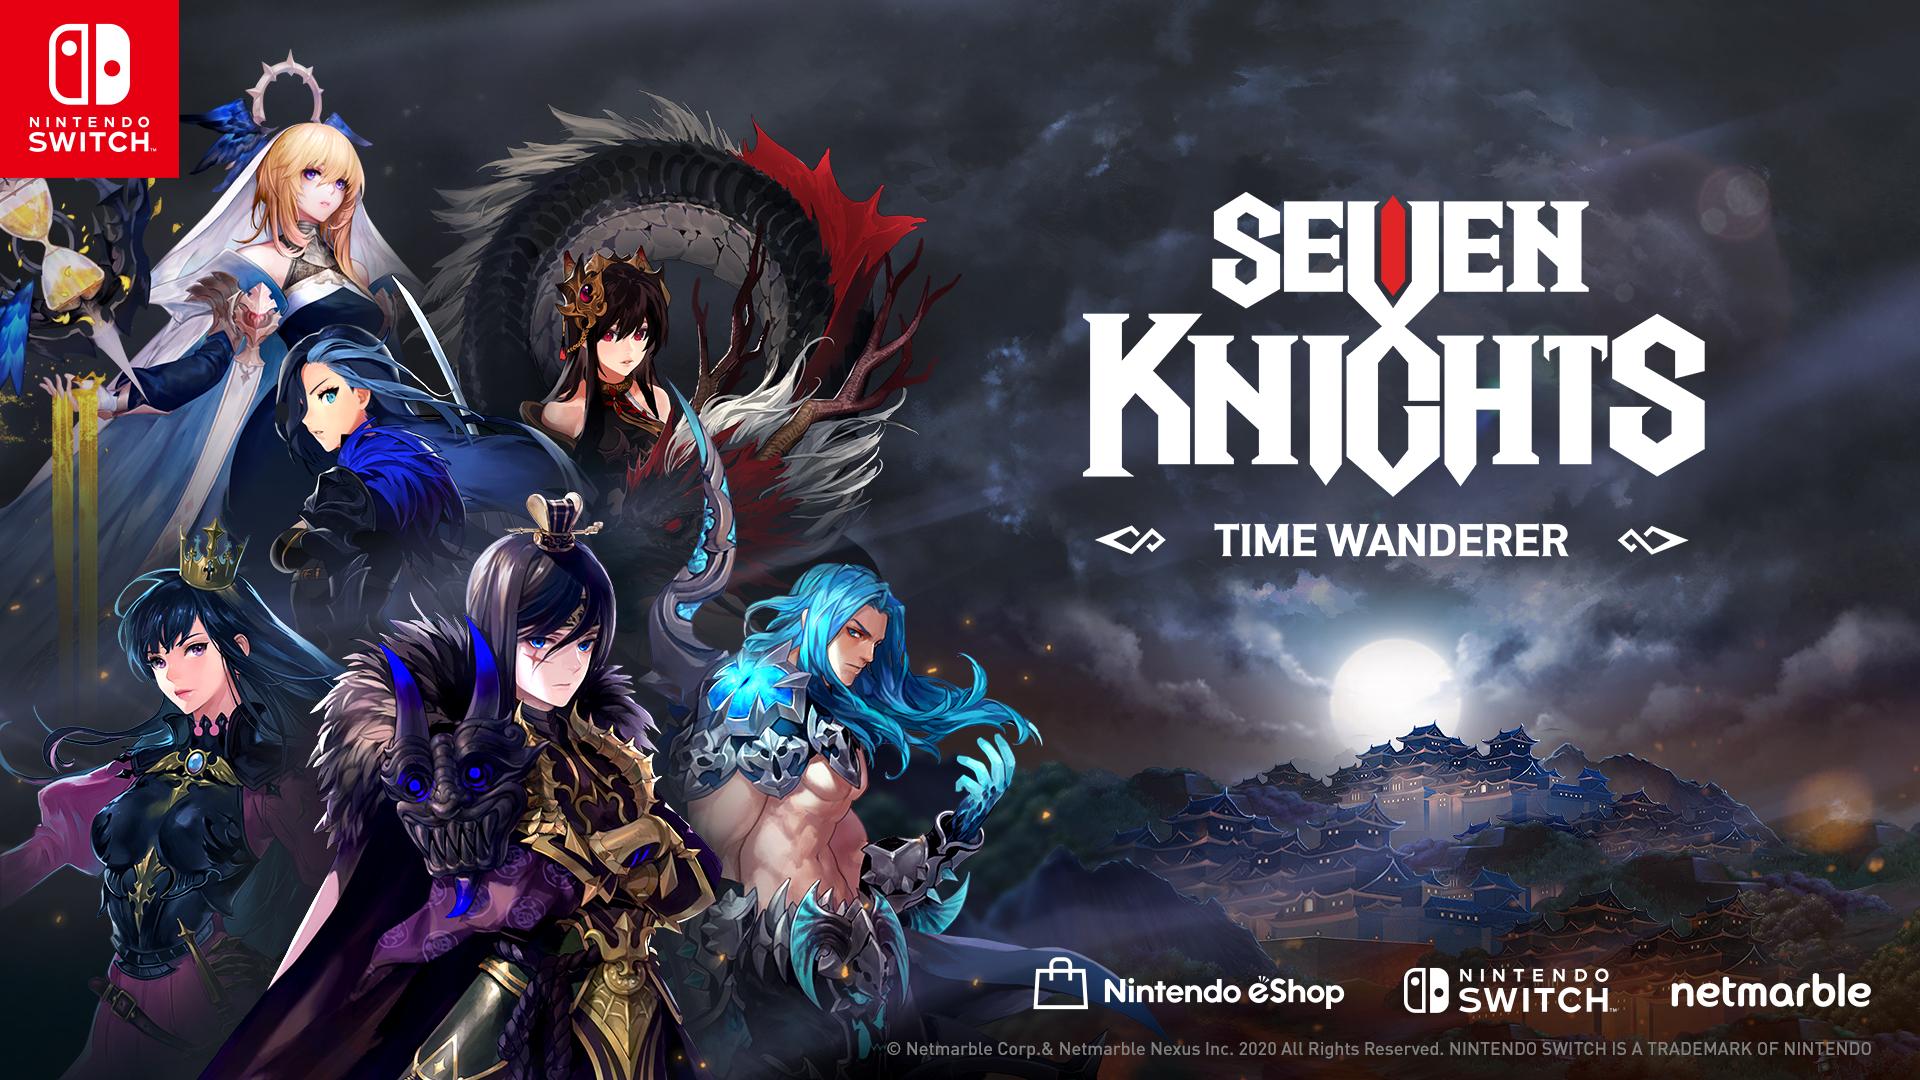 網石第一款NS遊戲 《Seven Knights -Time Wanderer-...